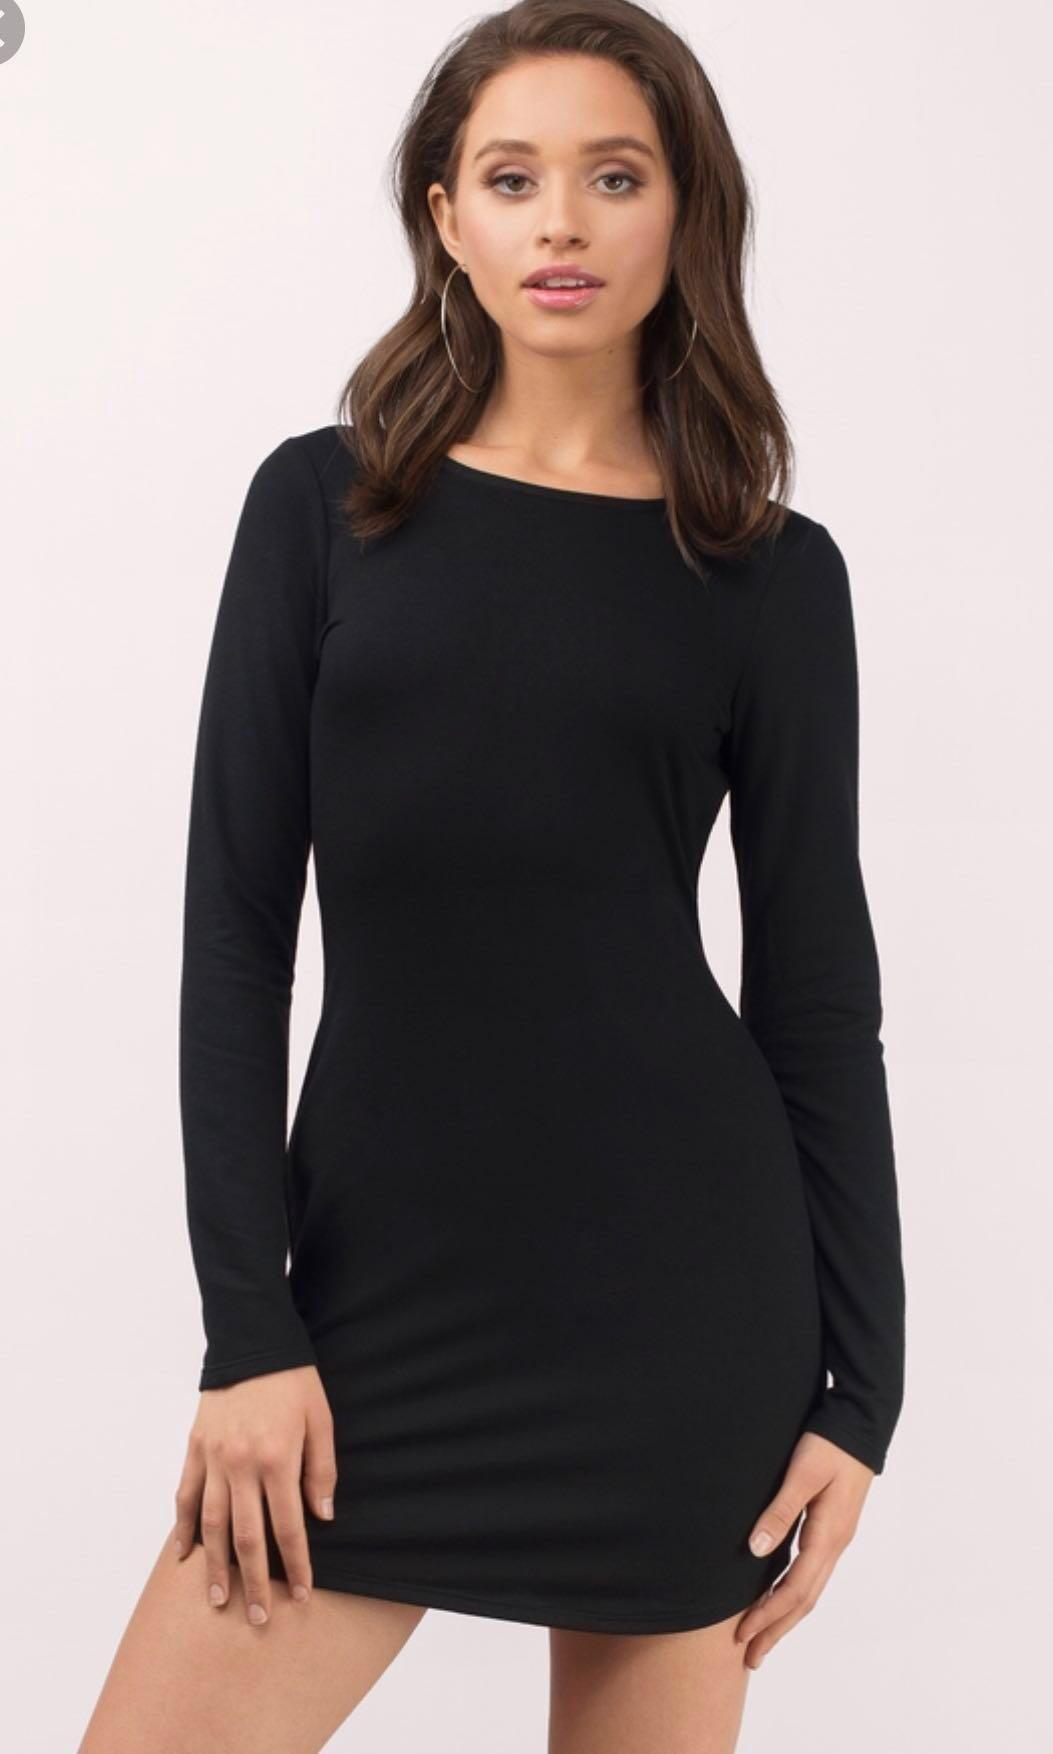 c0ee5687d1af black long sleeved bodycon dress – Little Black Dress | Black Lace ...